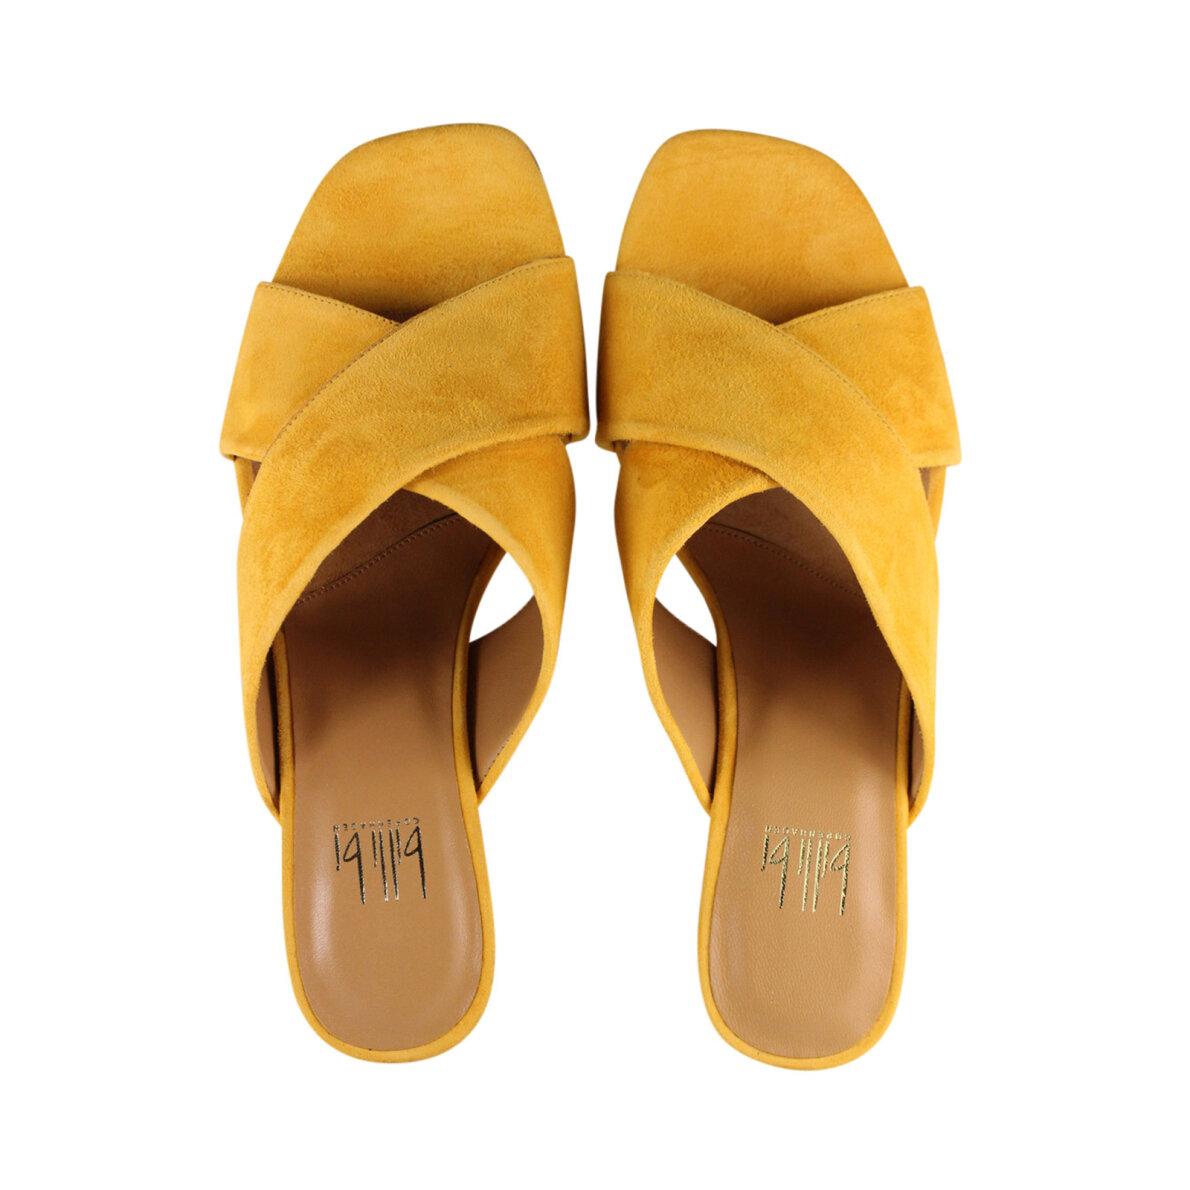 988f03c99a1 Billi Bi 8111 - Gul slip in sandal med chunky hæl - Piedi.dk